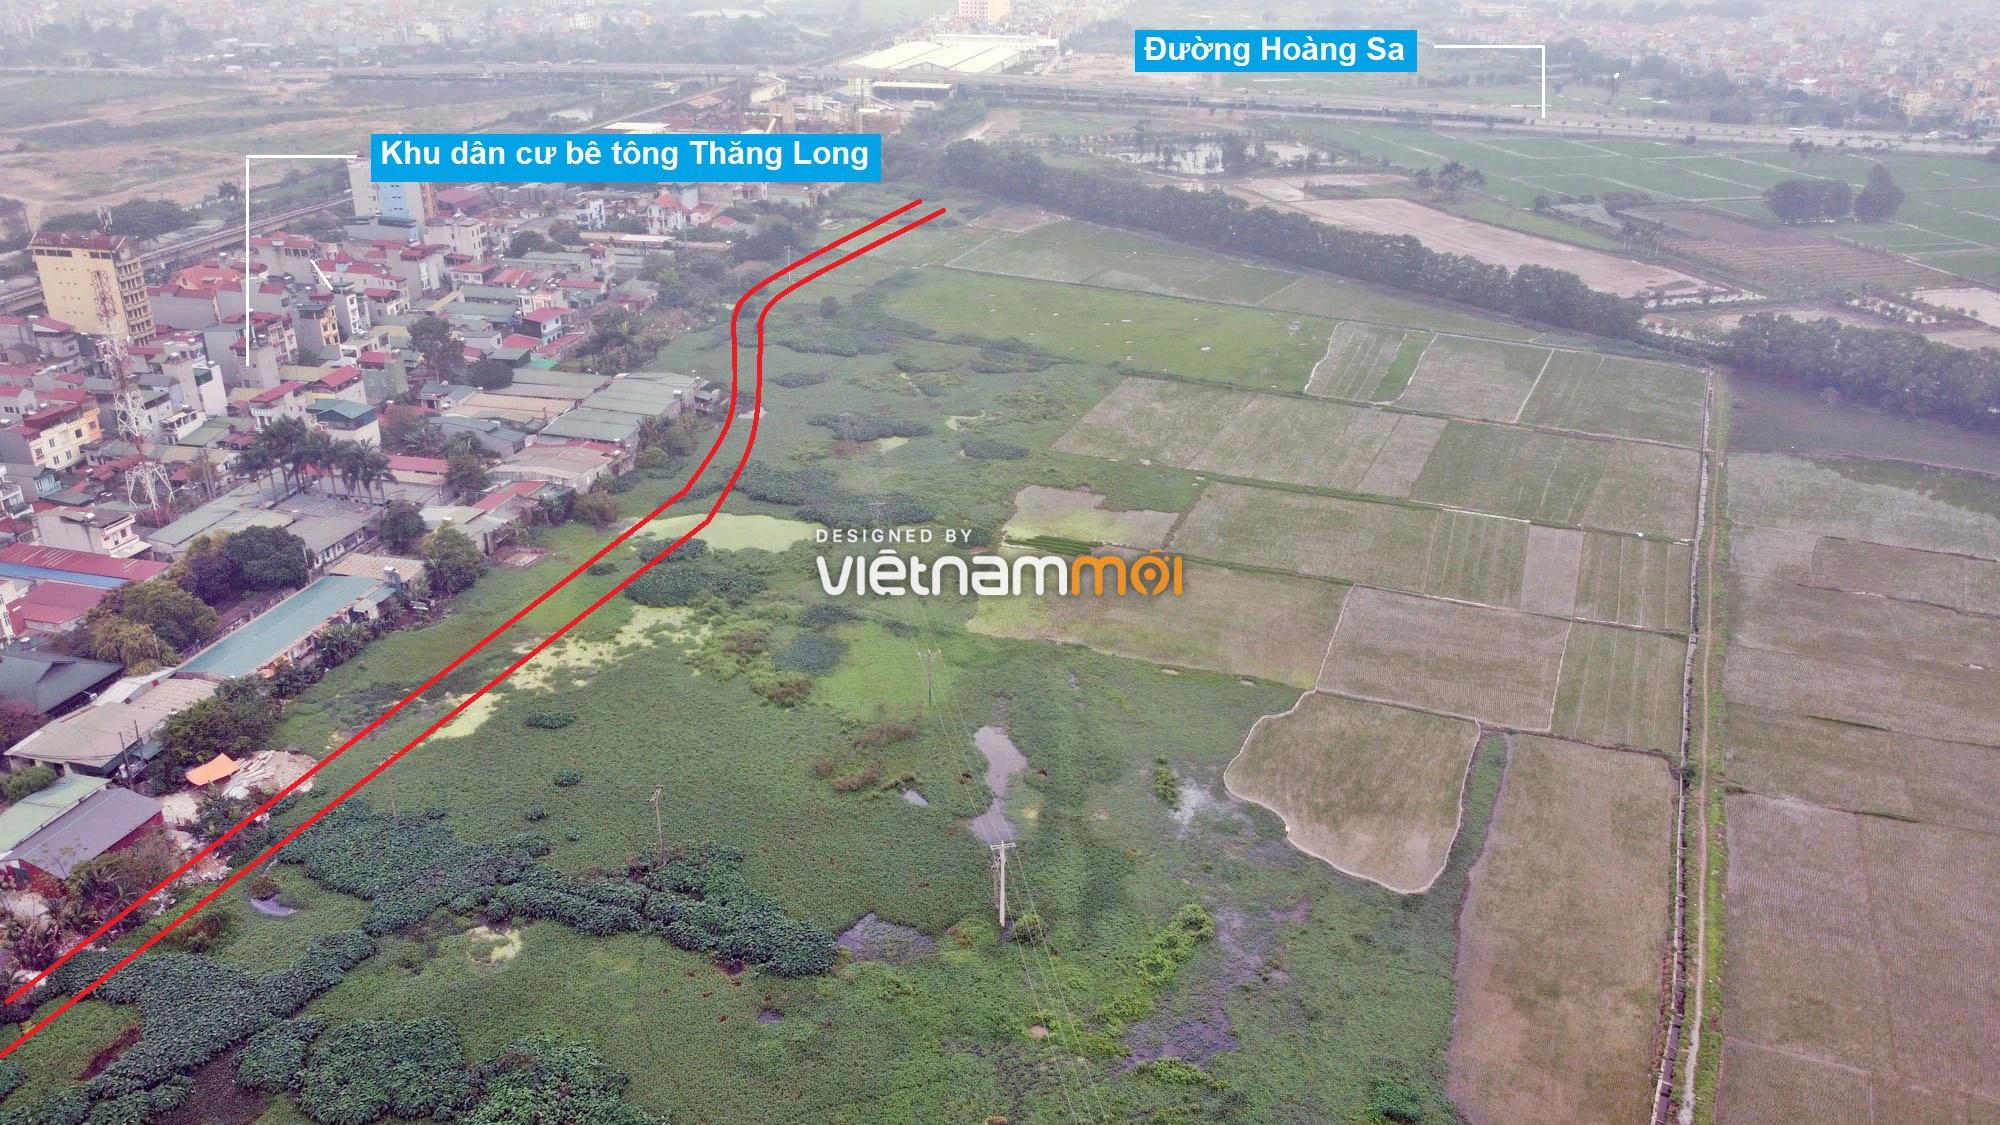 Đường sẽ mở theo quy hoạch ở xã Hải Bối, Đông Anh, Hà Nội (phần 2) - Ảnh 10.